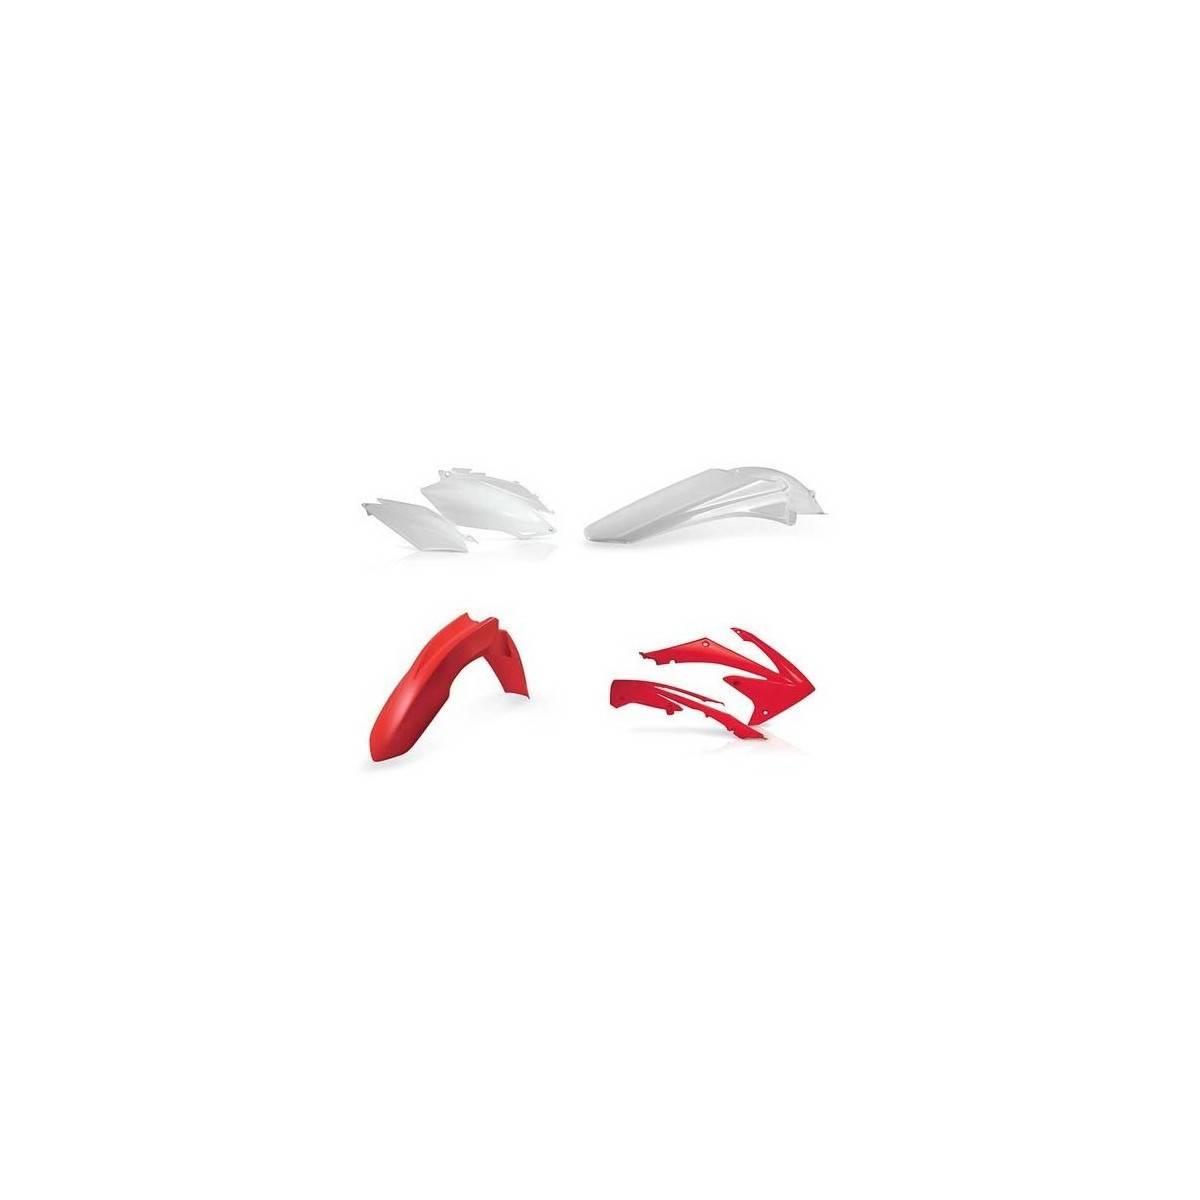 0007579-553 - Kit Plasticos Acerbis Cr 00 01 Origen